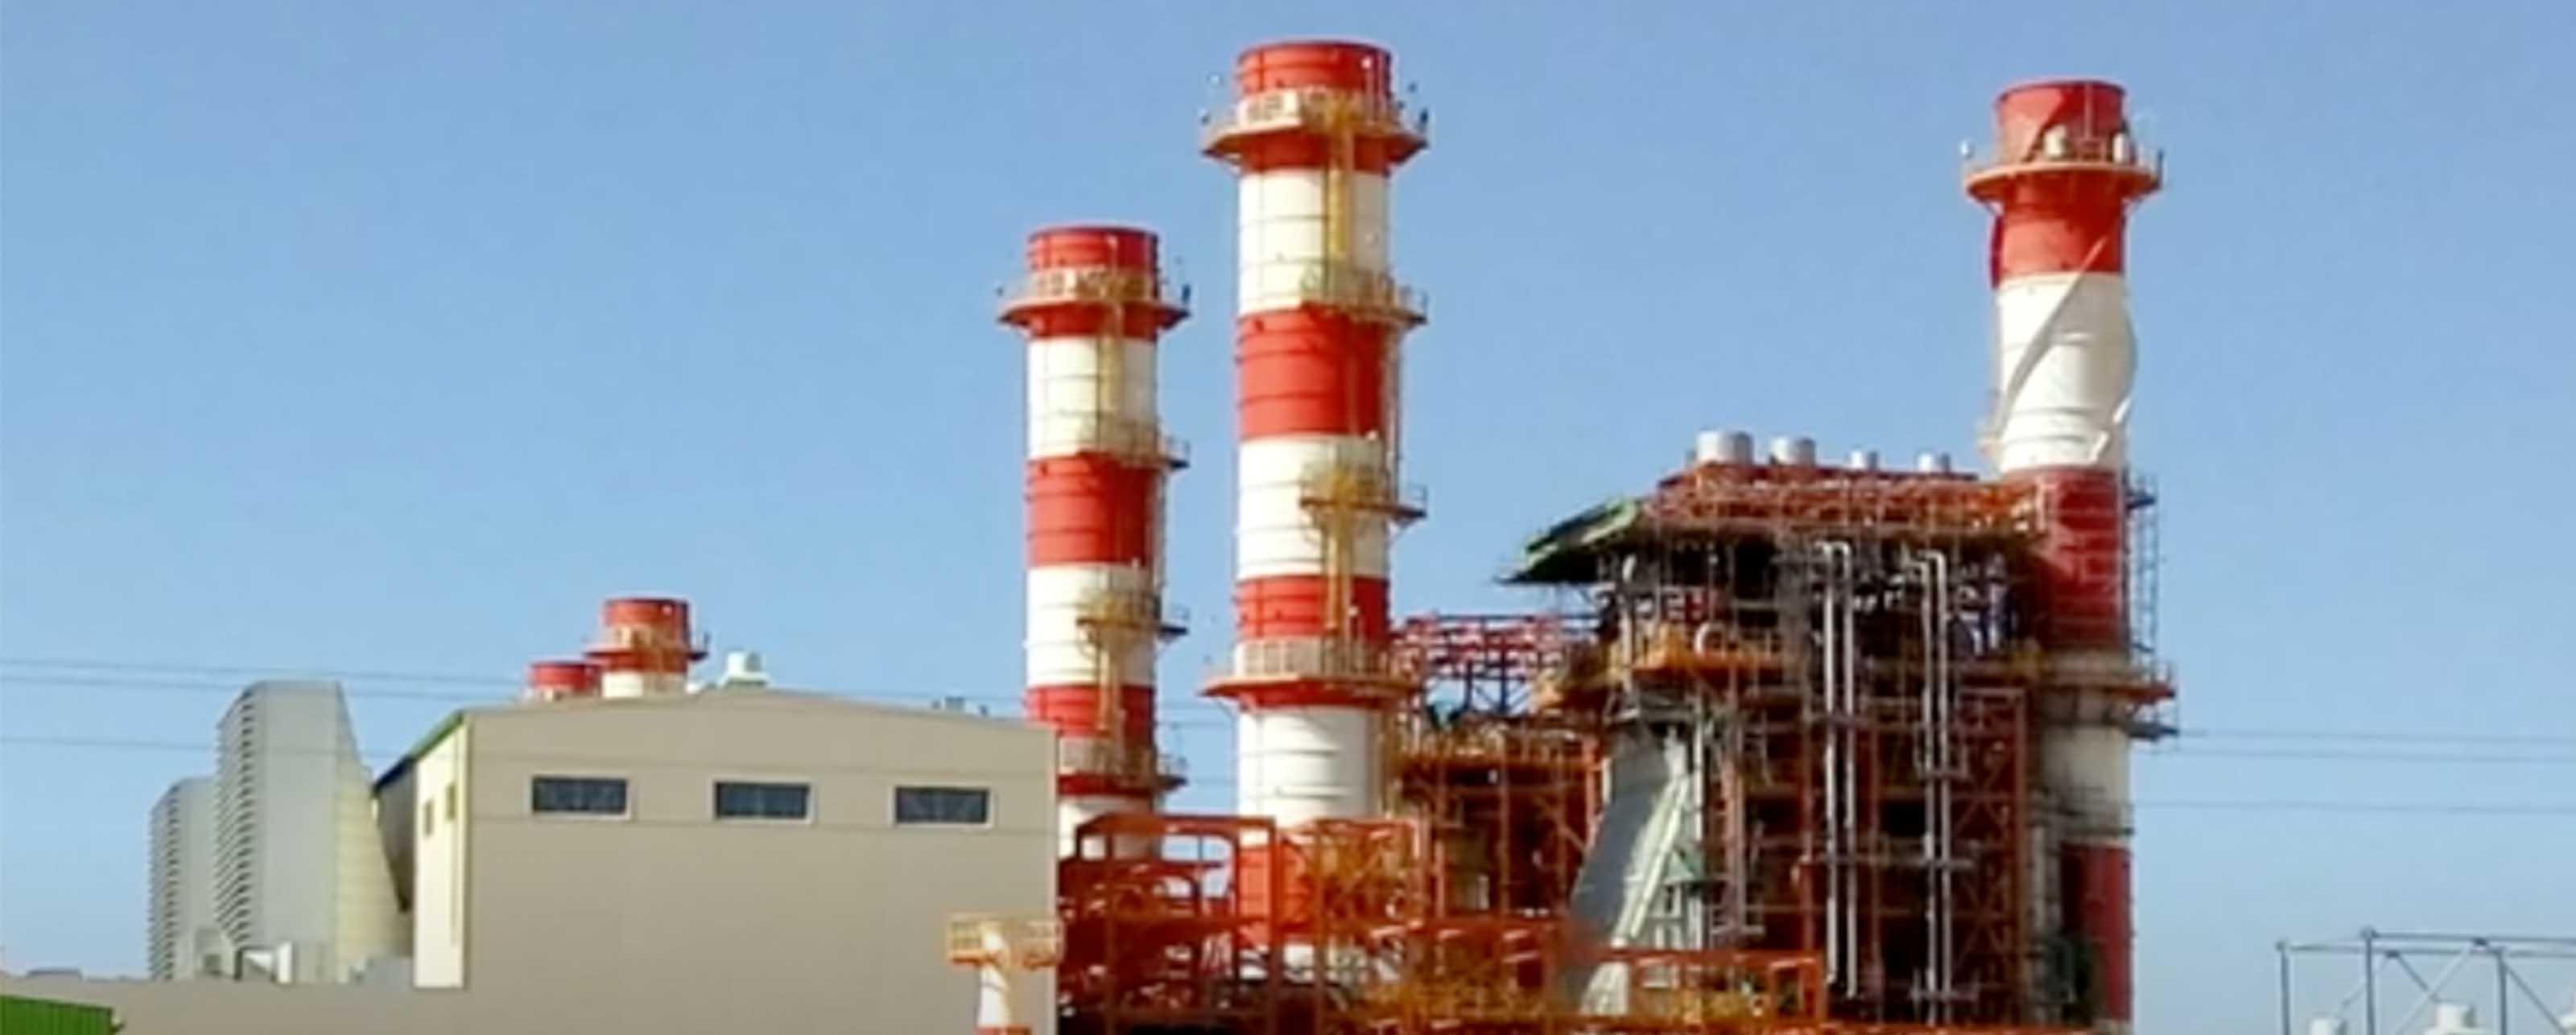 SPE (La Société Algérienne de Production de l'Electricité), Algeria's national power generation company